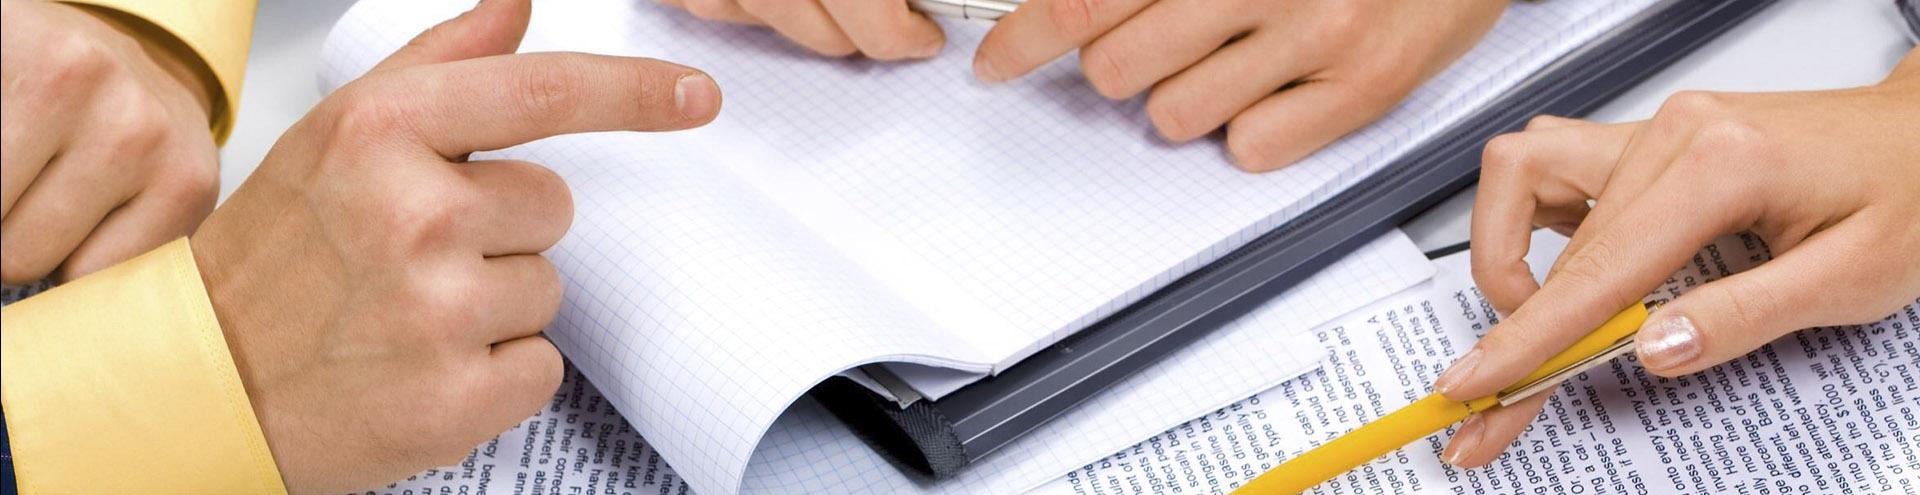 административное дело - рассмотрение административного дела в Рязани